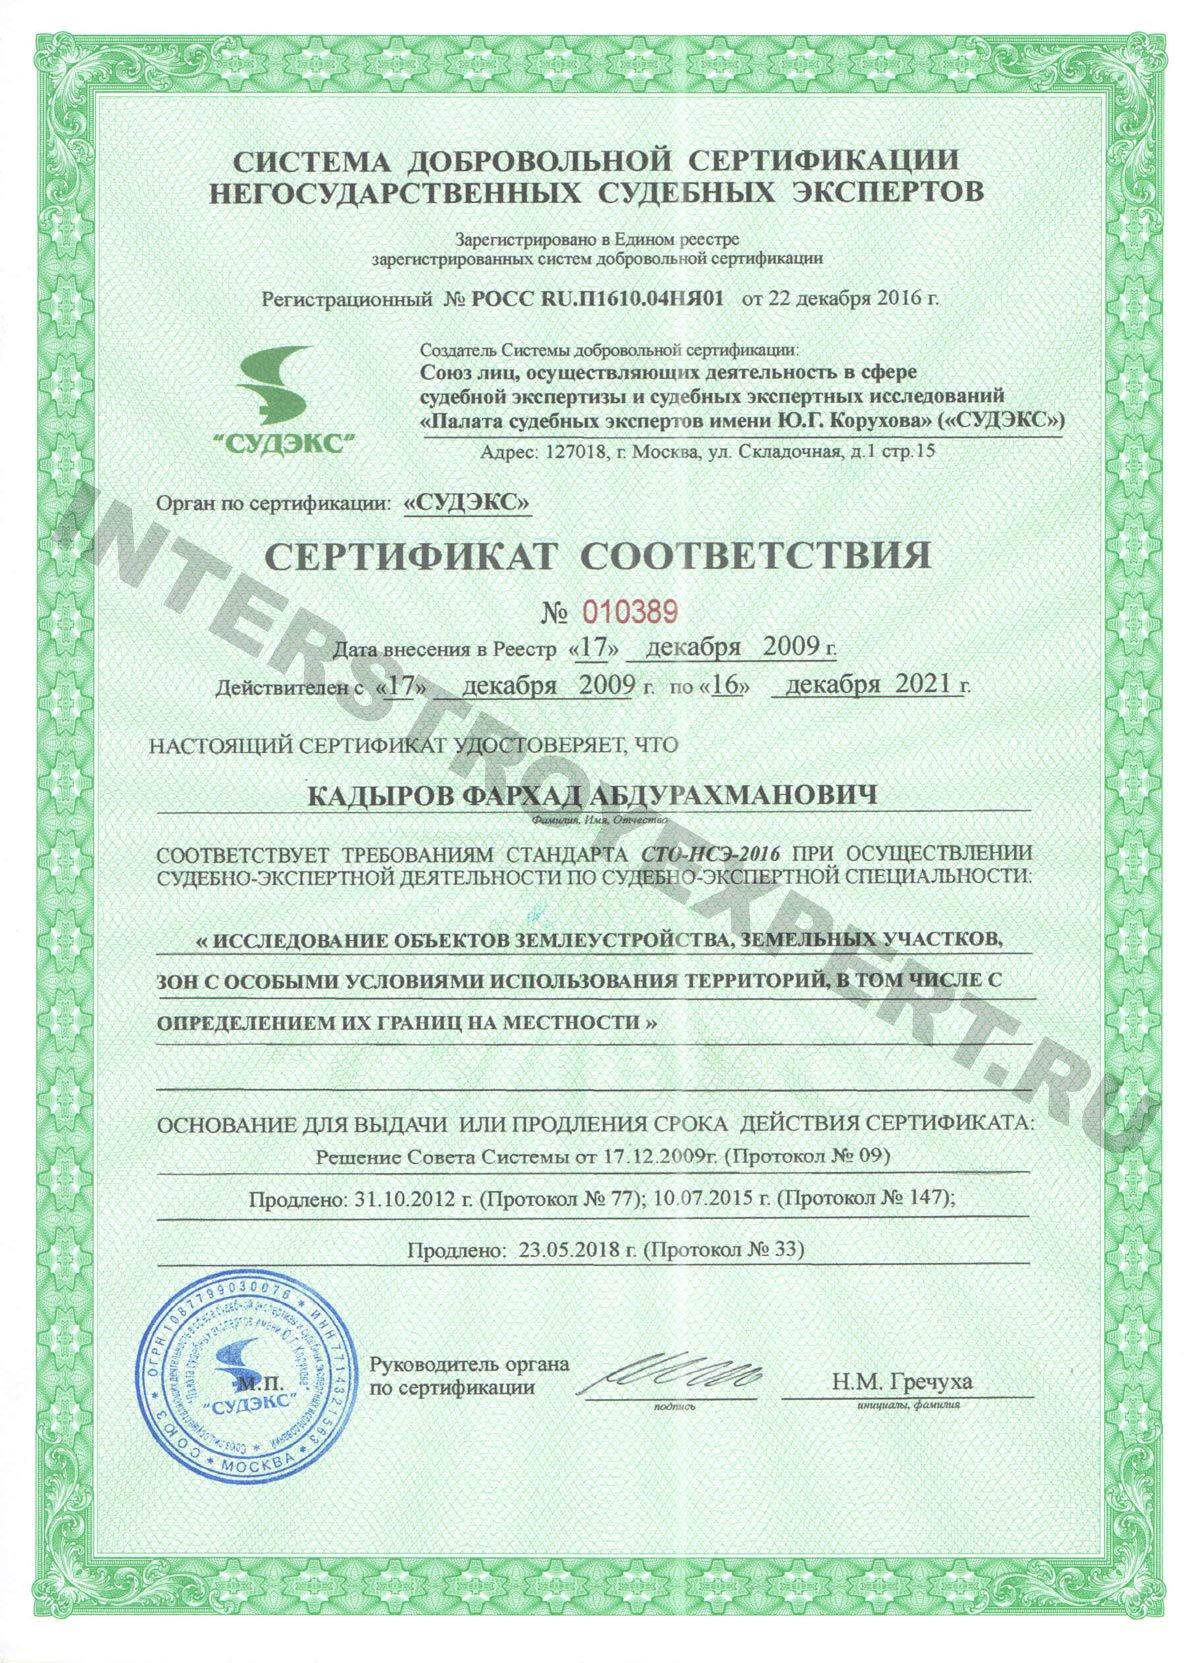 sudeks-kadyrov-zemelnyh-uchastkov